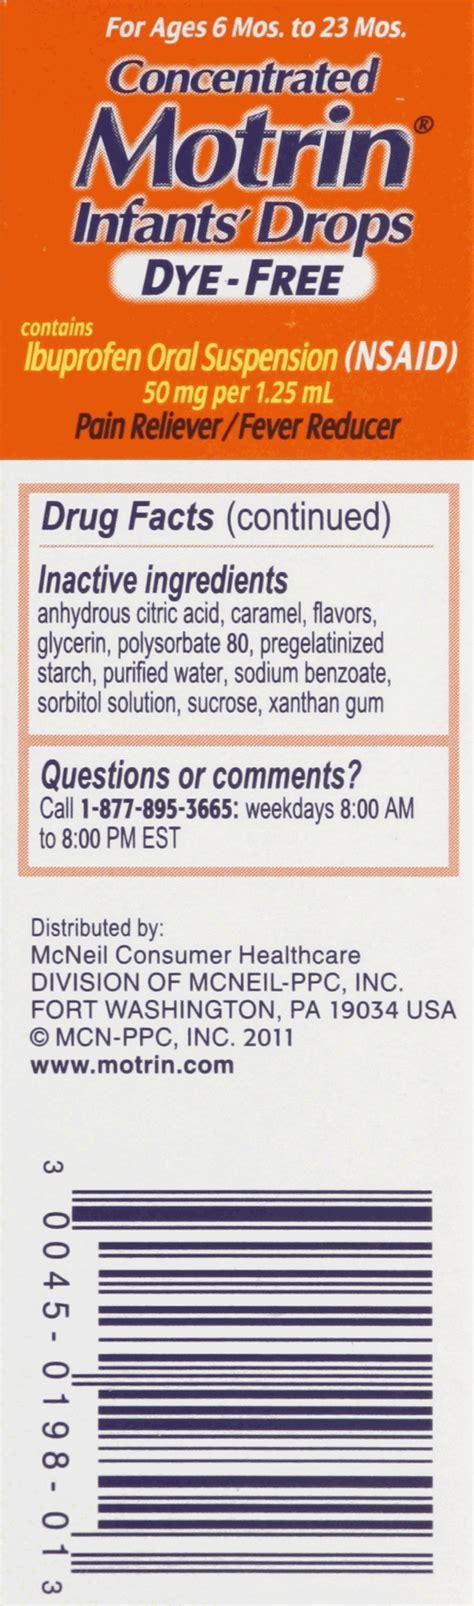 walgreens hinta cialis 20 mg cialis generika 20mg daily cialis without prescription